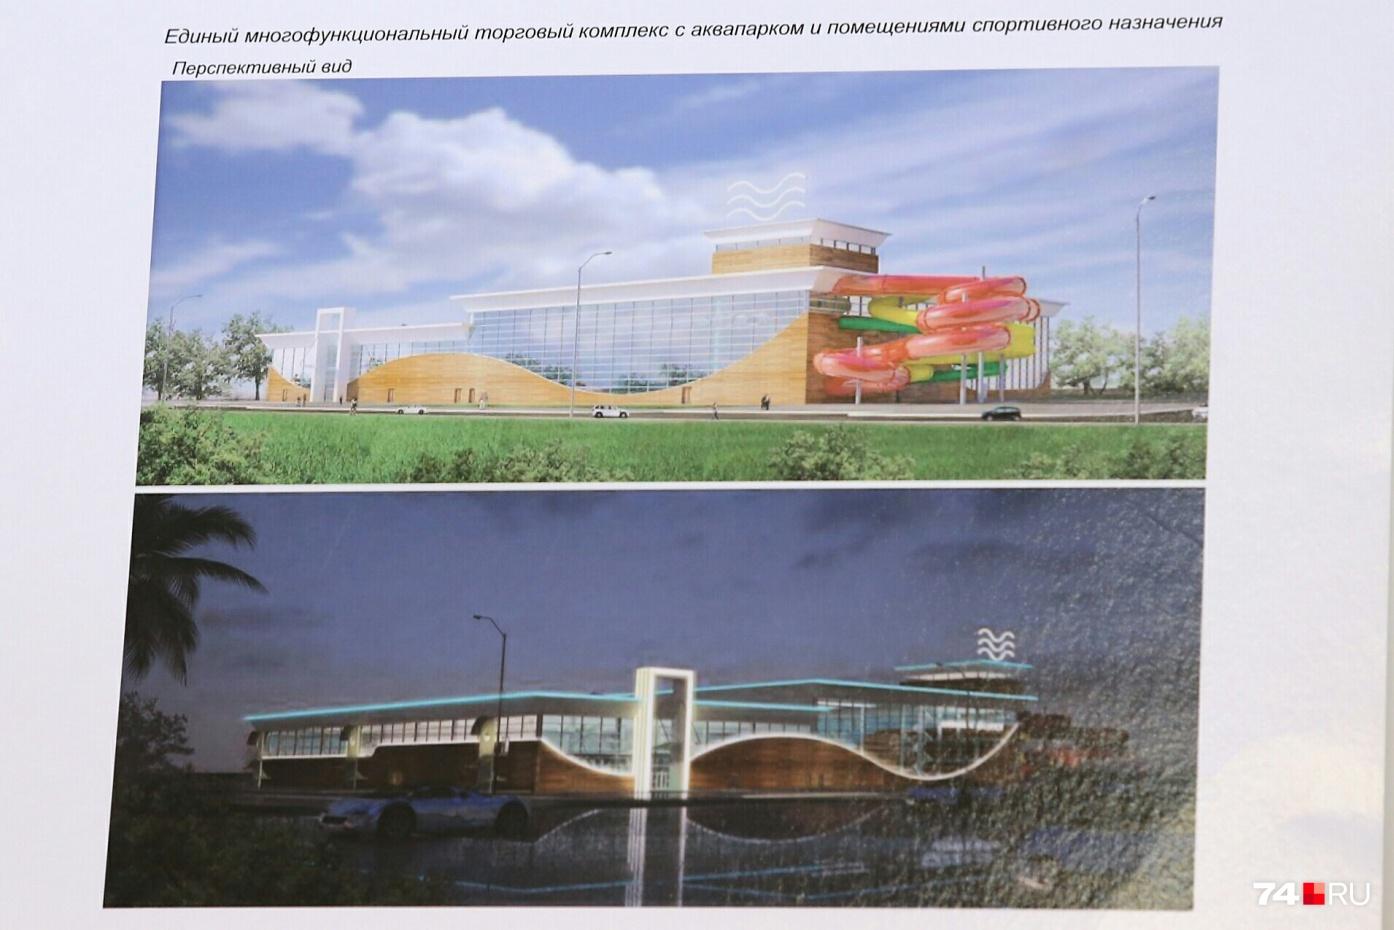 Так выглядит проект будущего торгового центра, который представили на публичных слушаниях